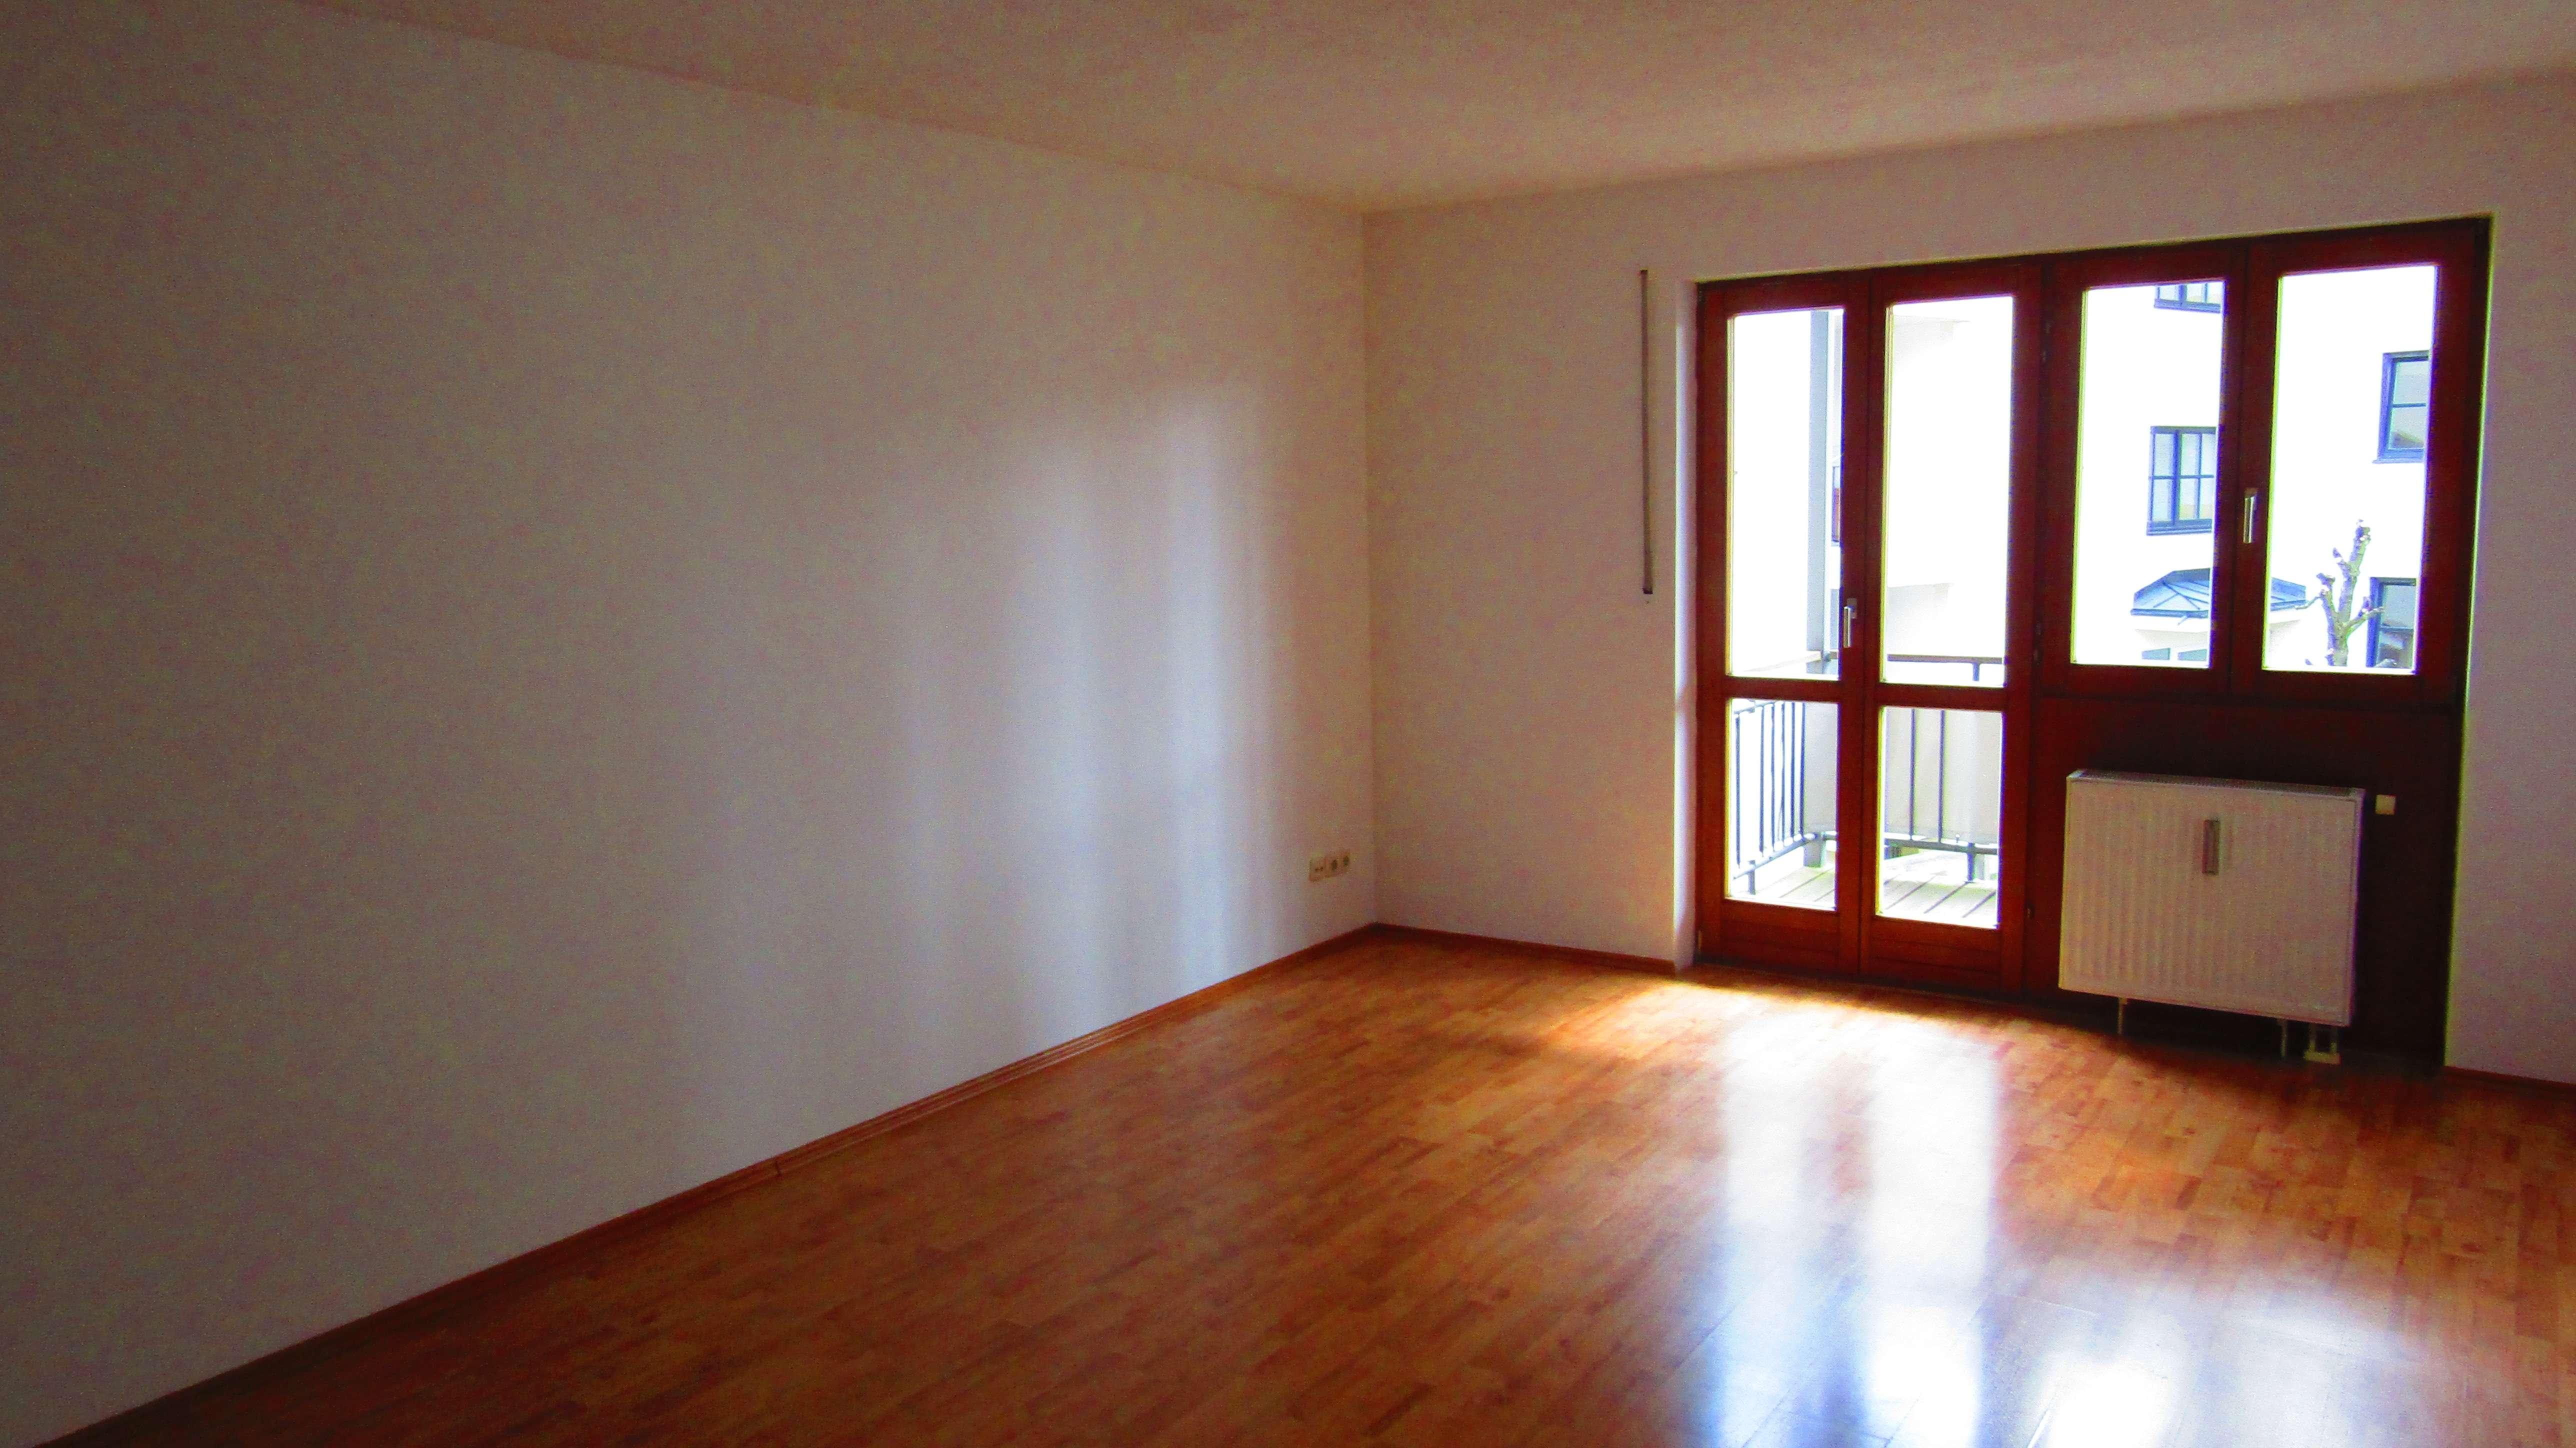 3-Zi.-Mietwohnung im 1.Obergeschoss in zentraler Lage